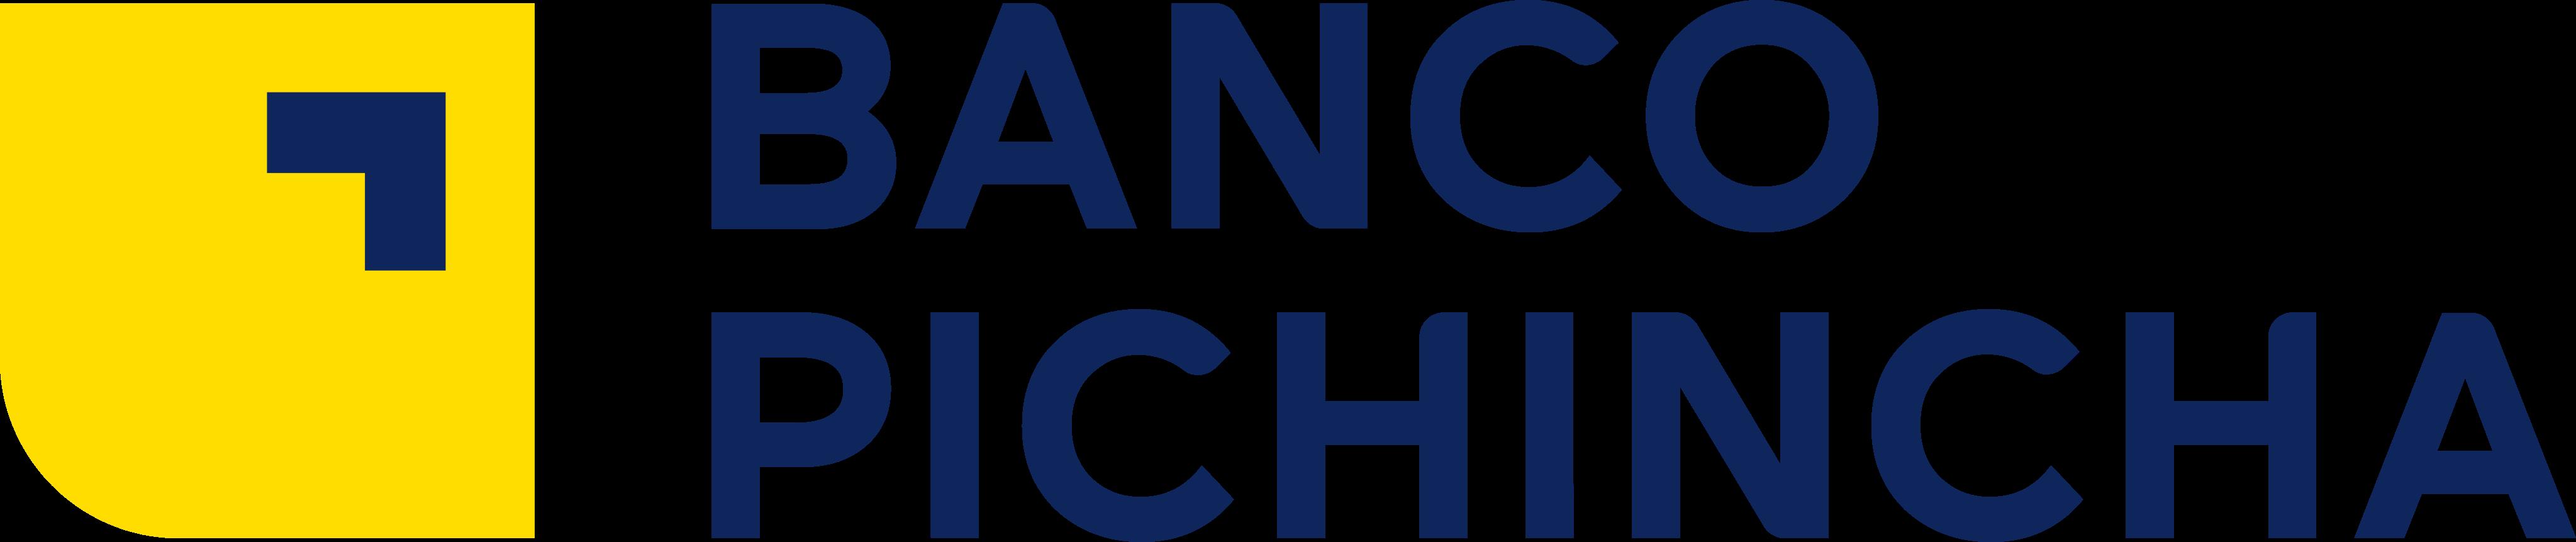 Banco Pichincha Logo.